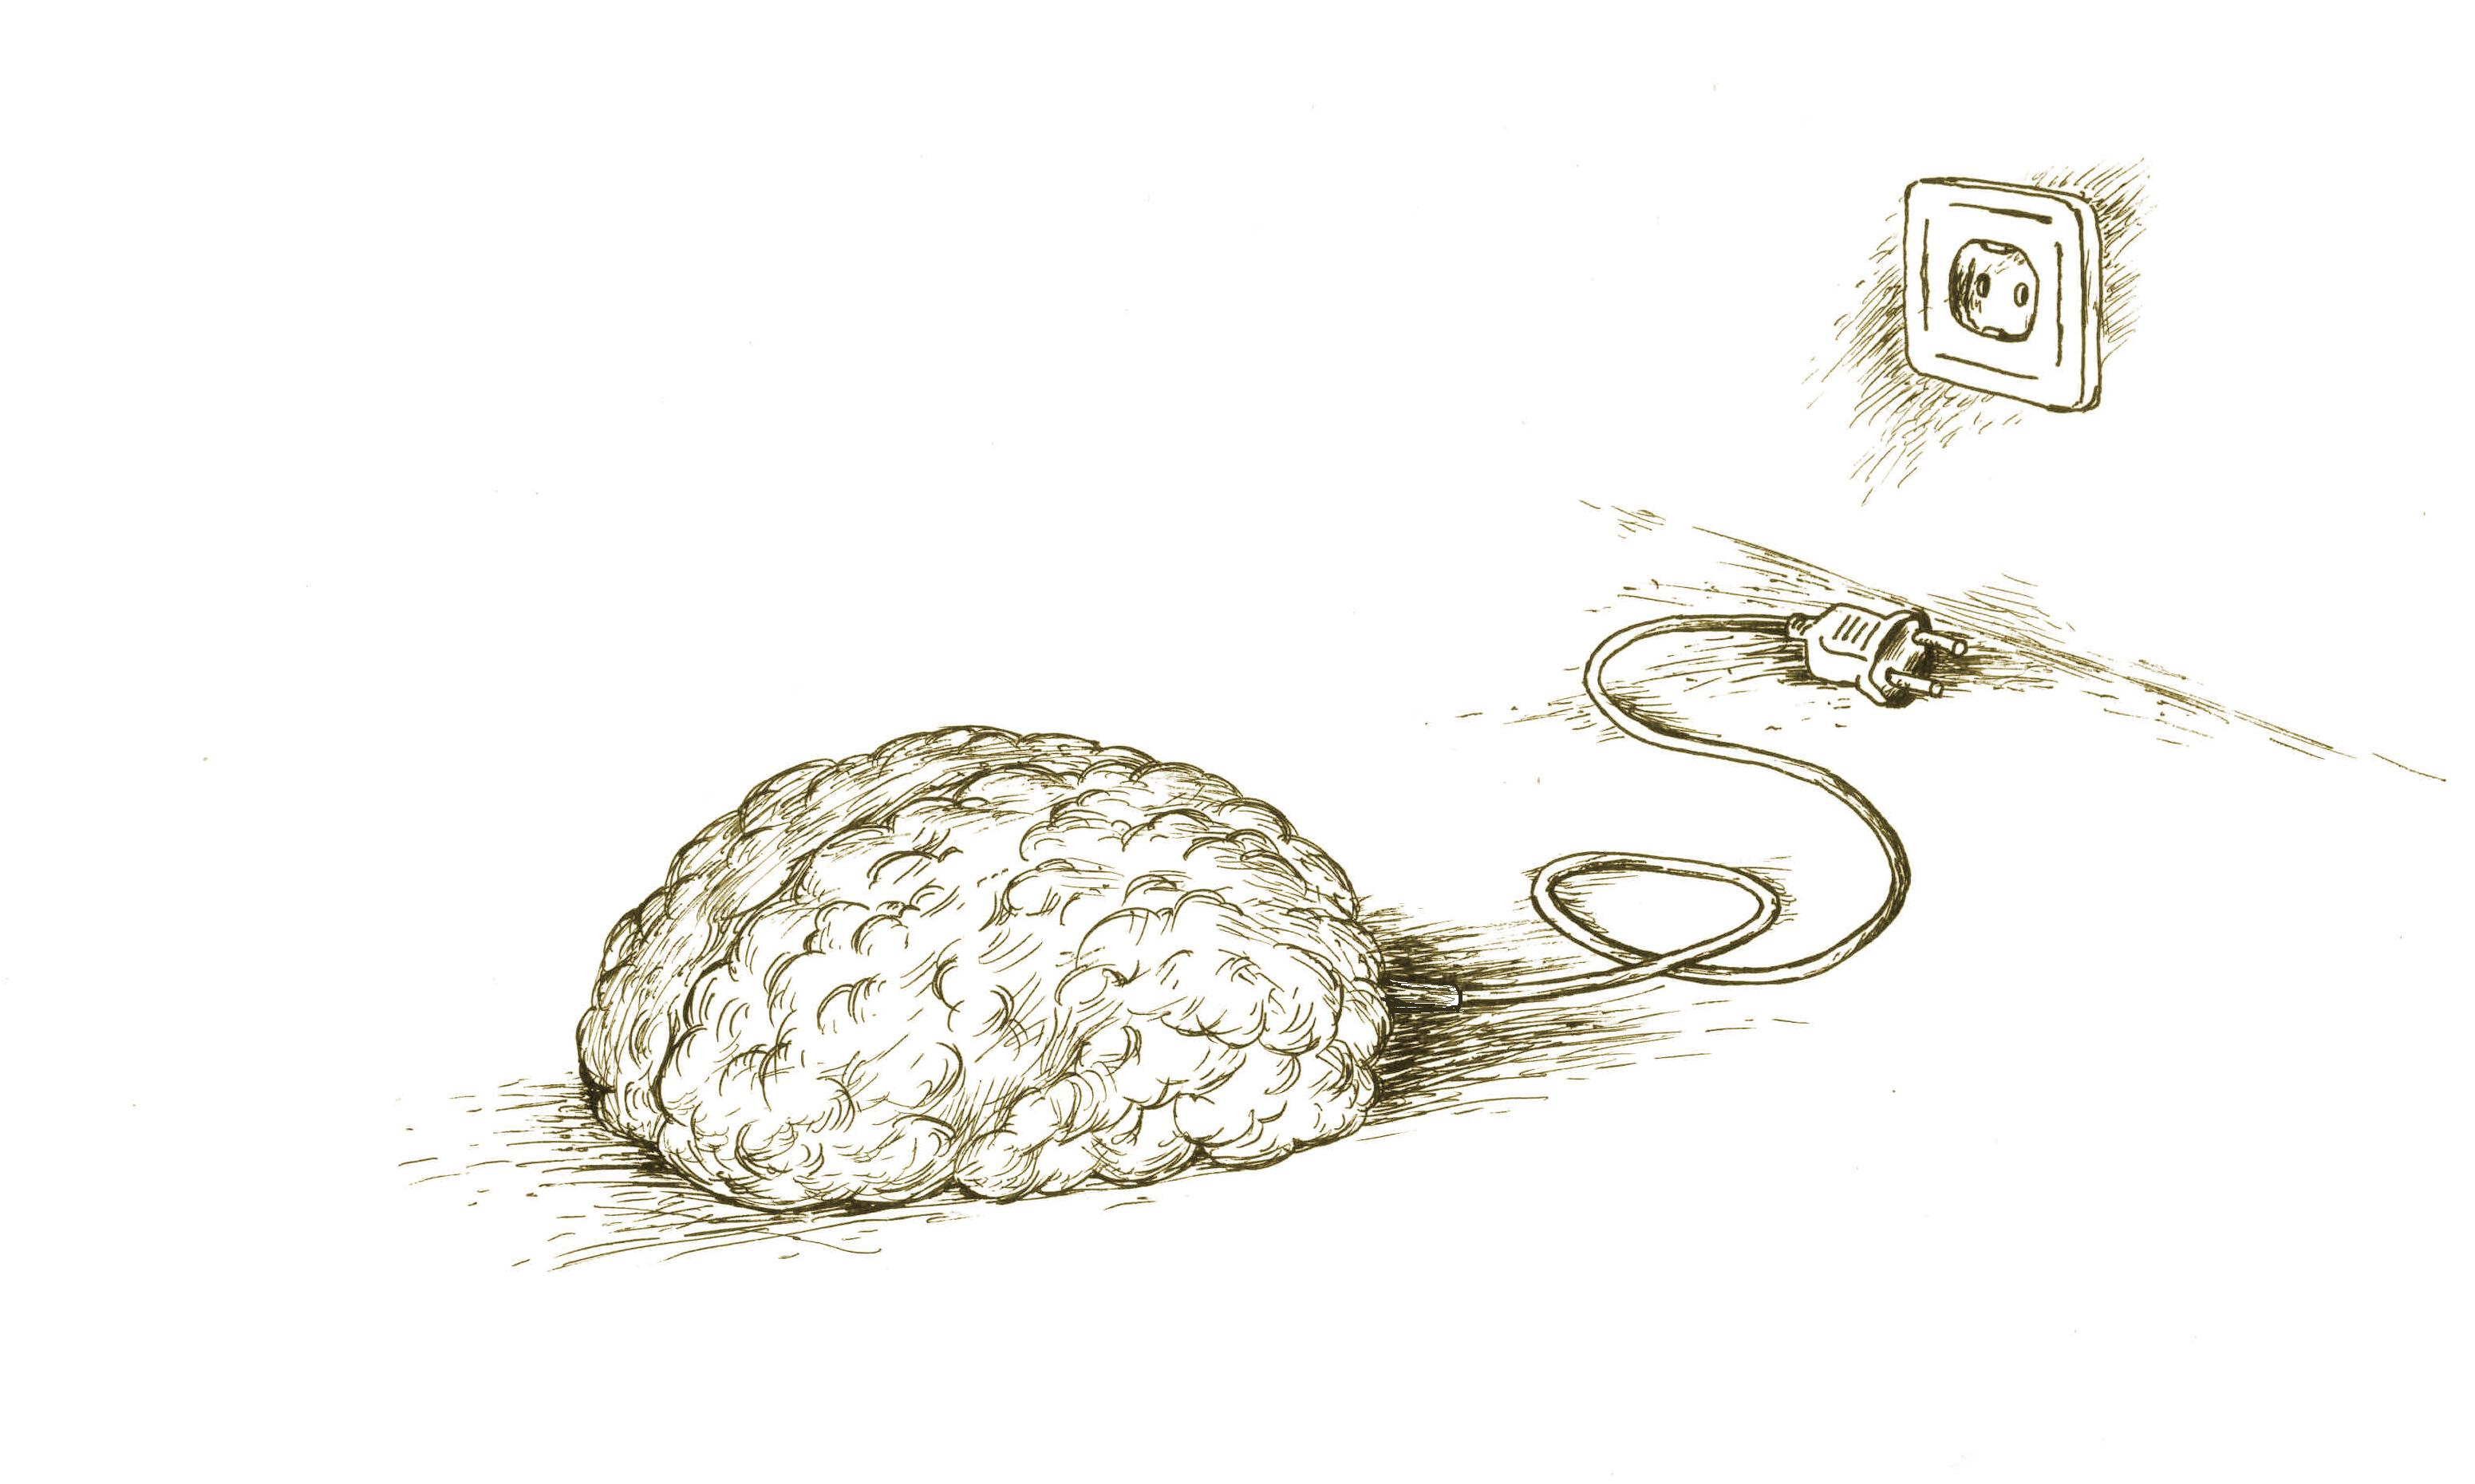 картинка пока мозг выражения, основном